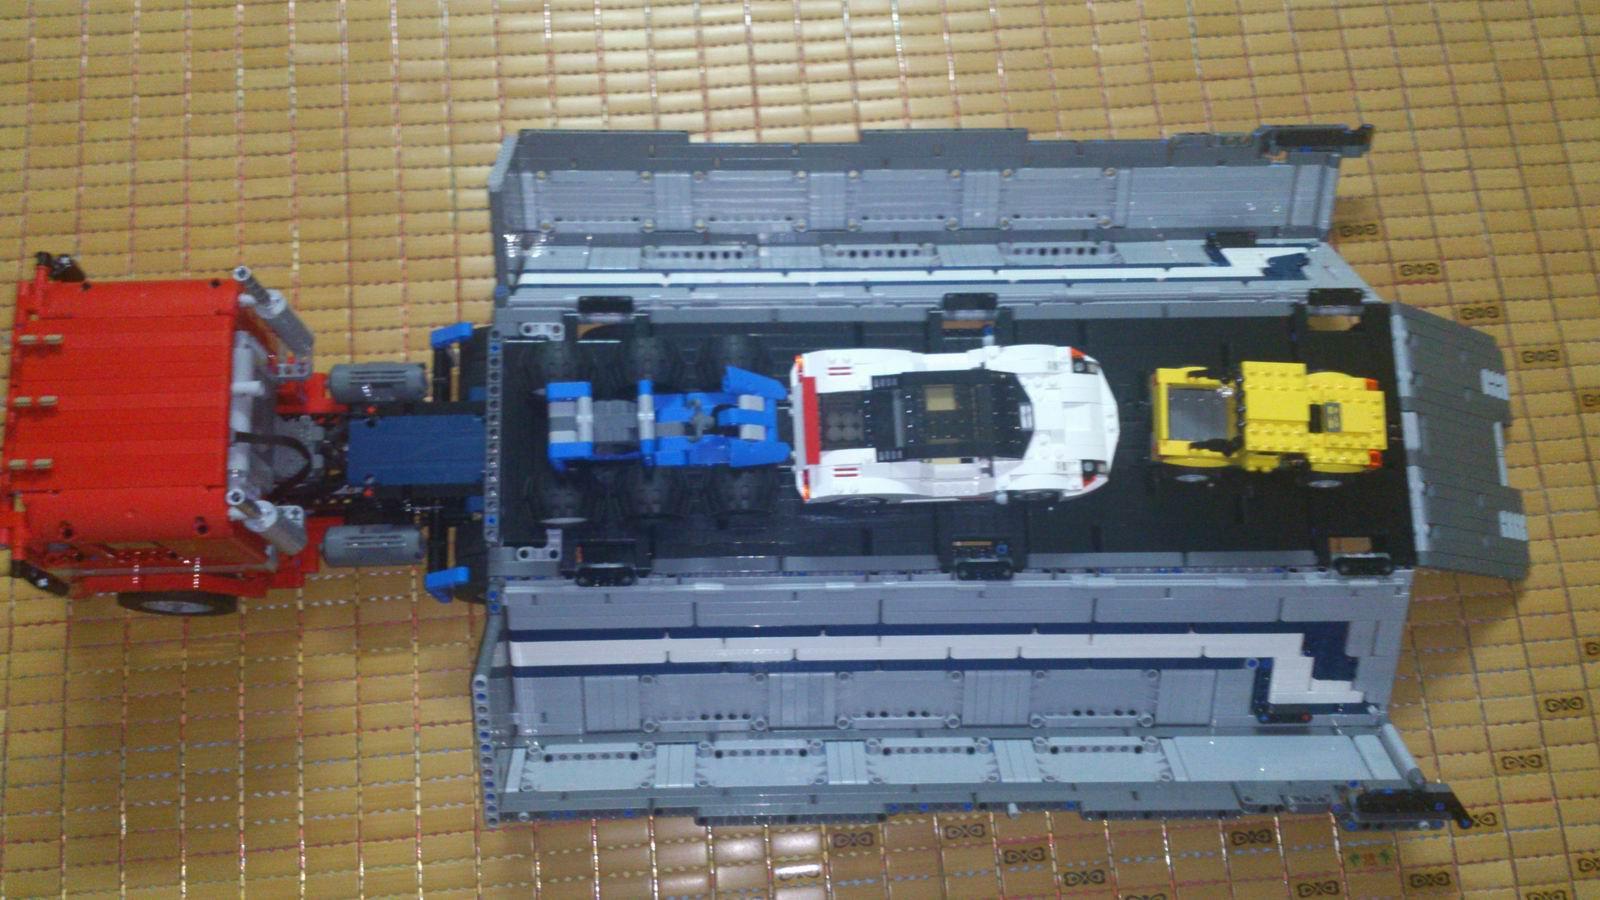 【yysmoc】货柜车(擎天柱造型)【新增车头ldd图纸】